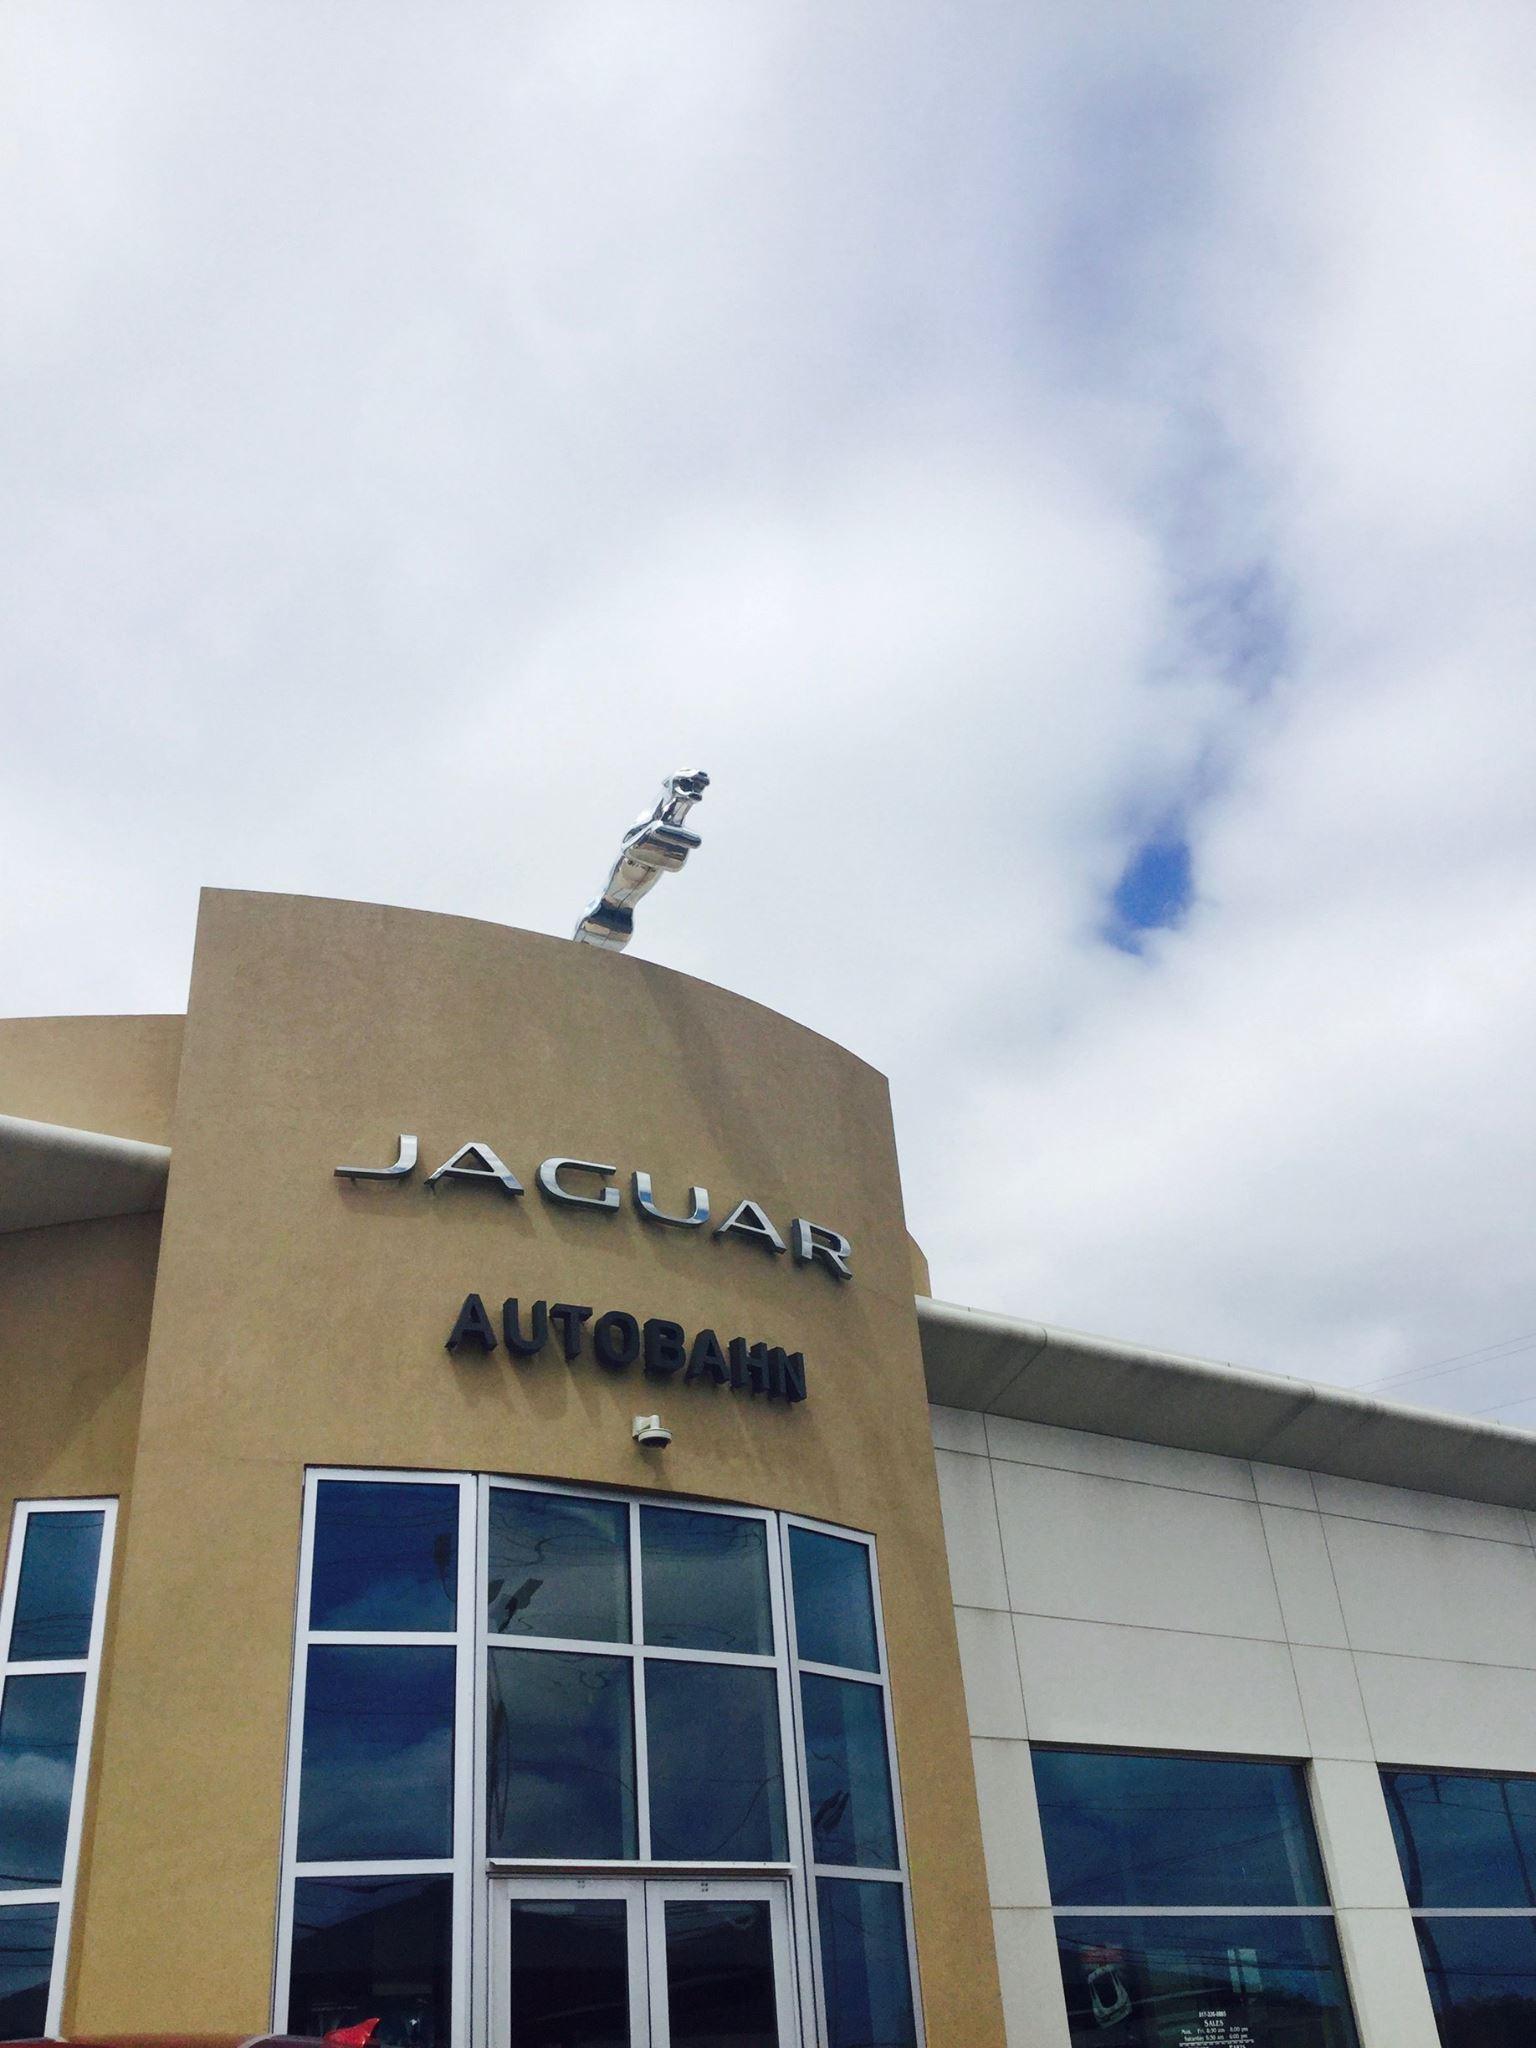 Autobahn Jaguar Fort Worth image 0